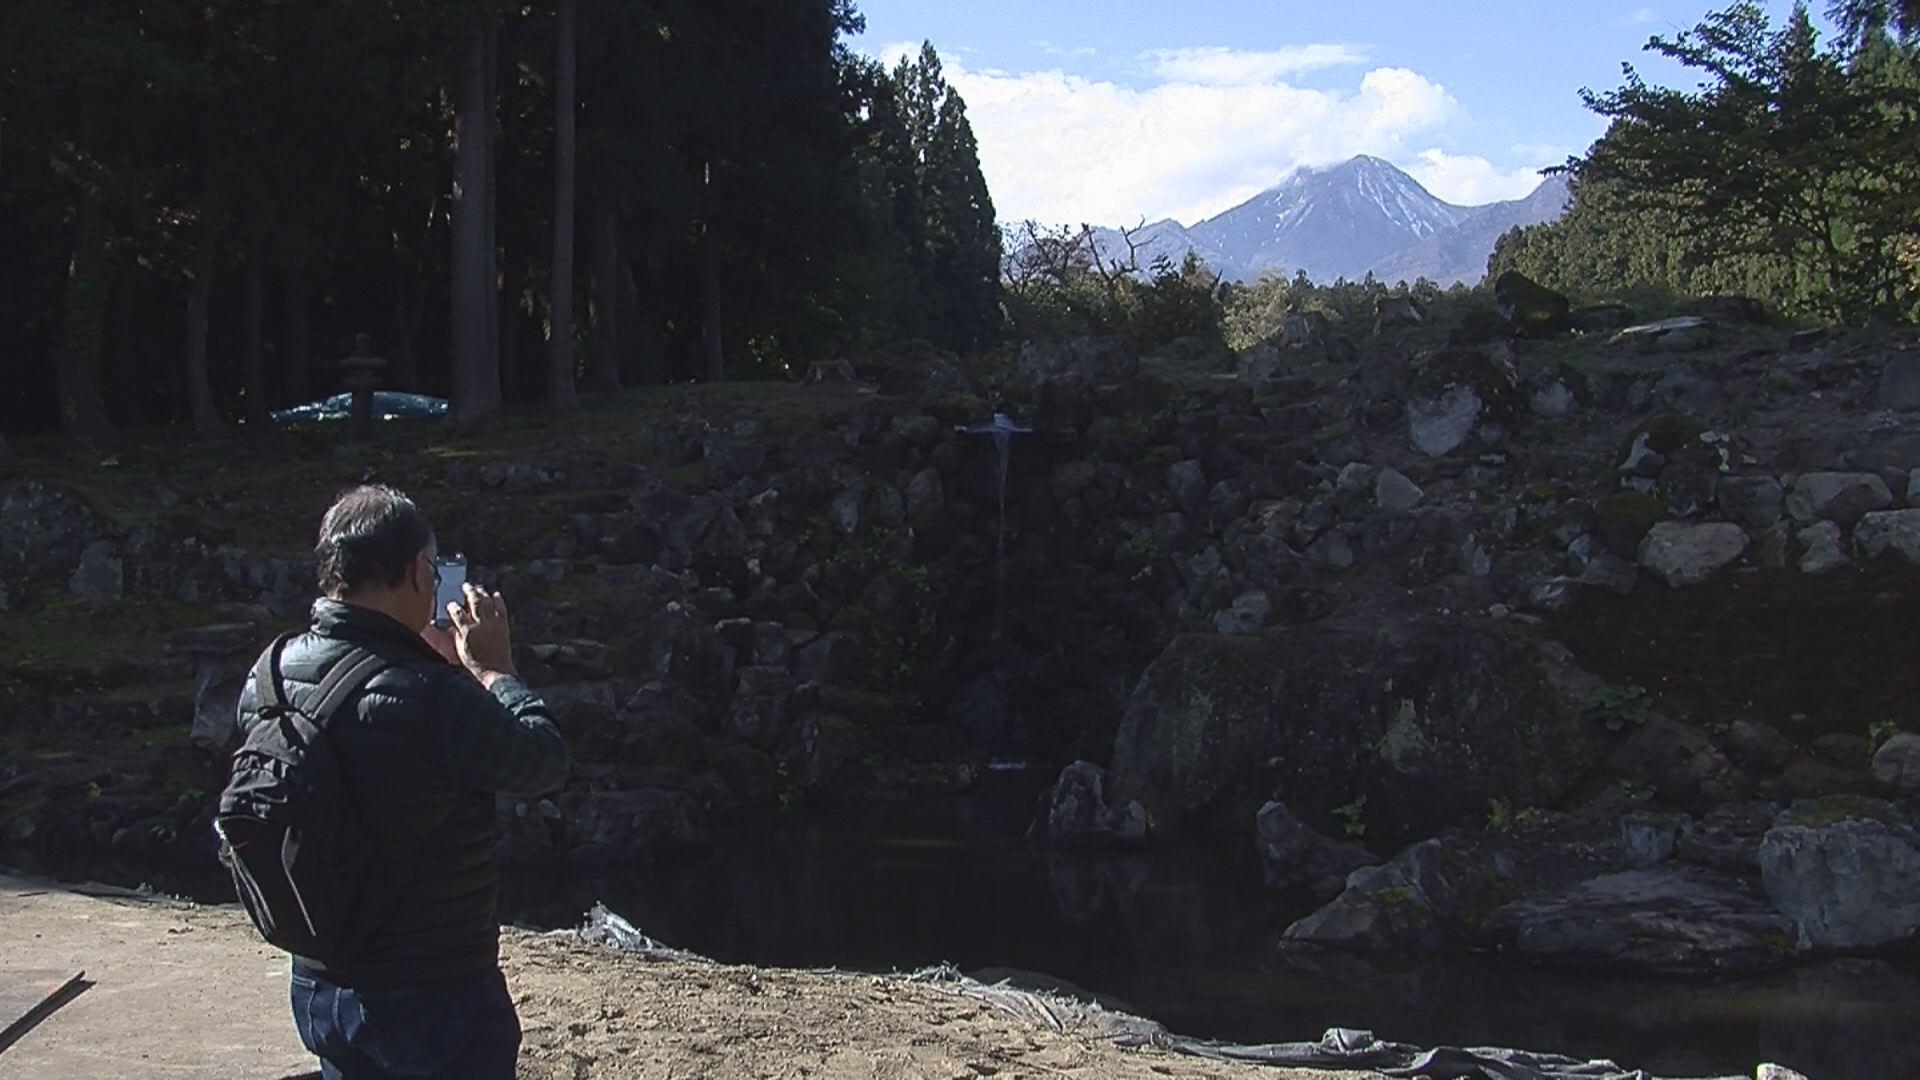 181105_旧関山宝蔵院庭園一般公開1